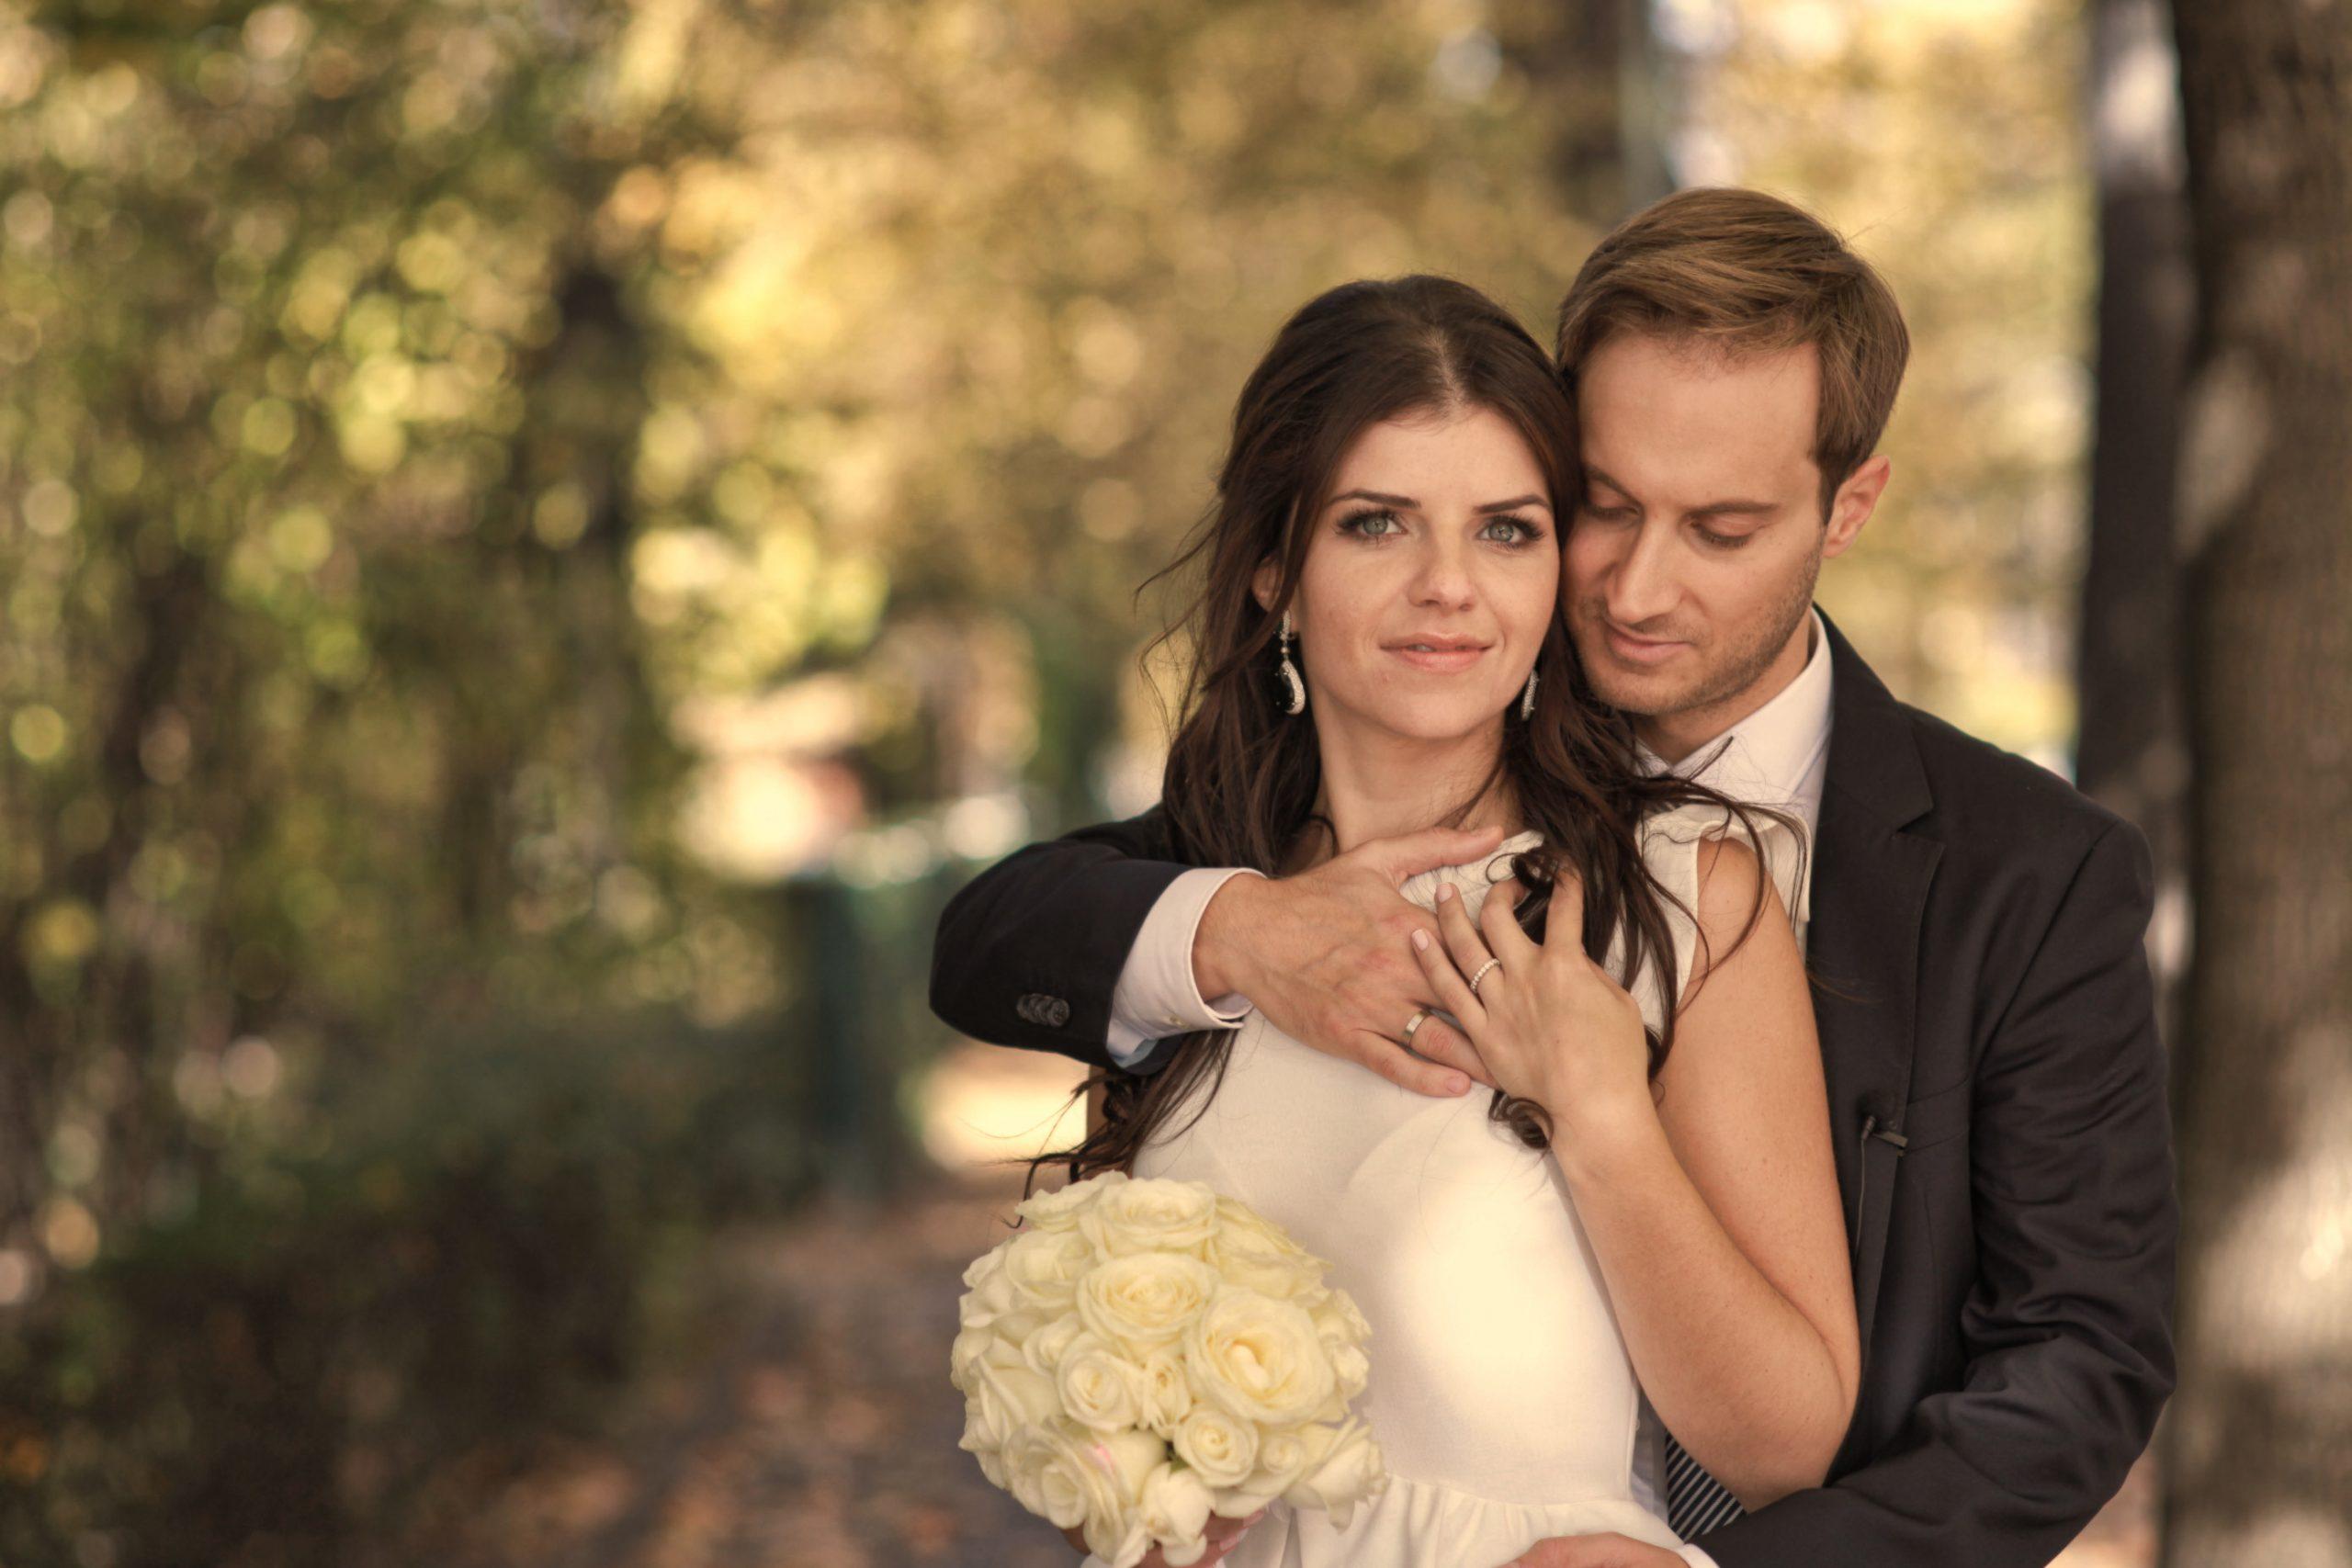 Jüdische Hochzeit › Kameramann Hochzeit